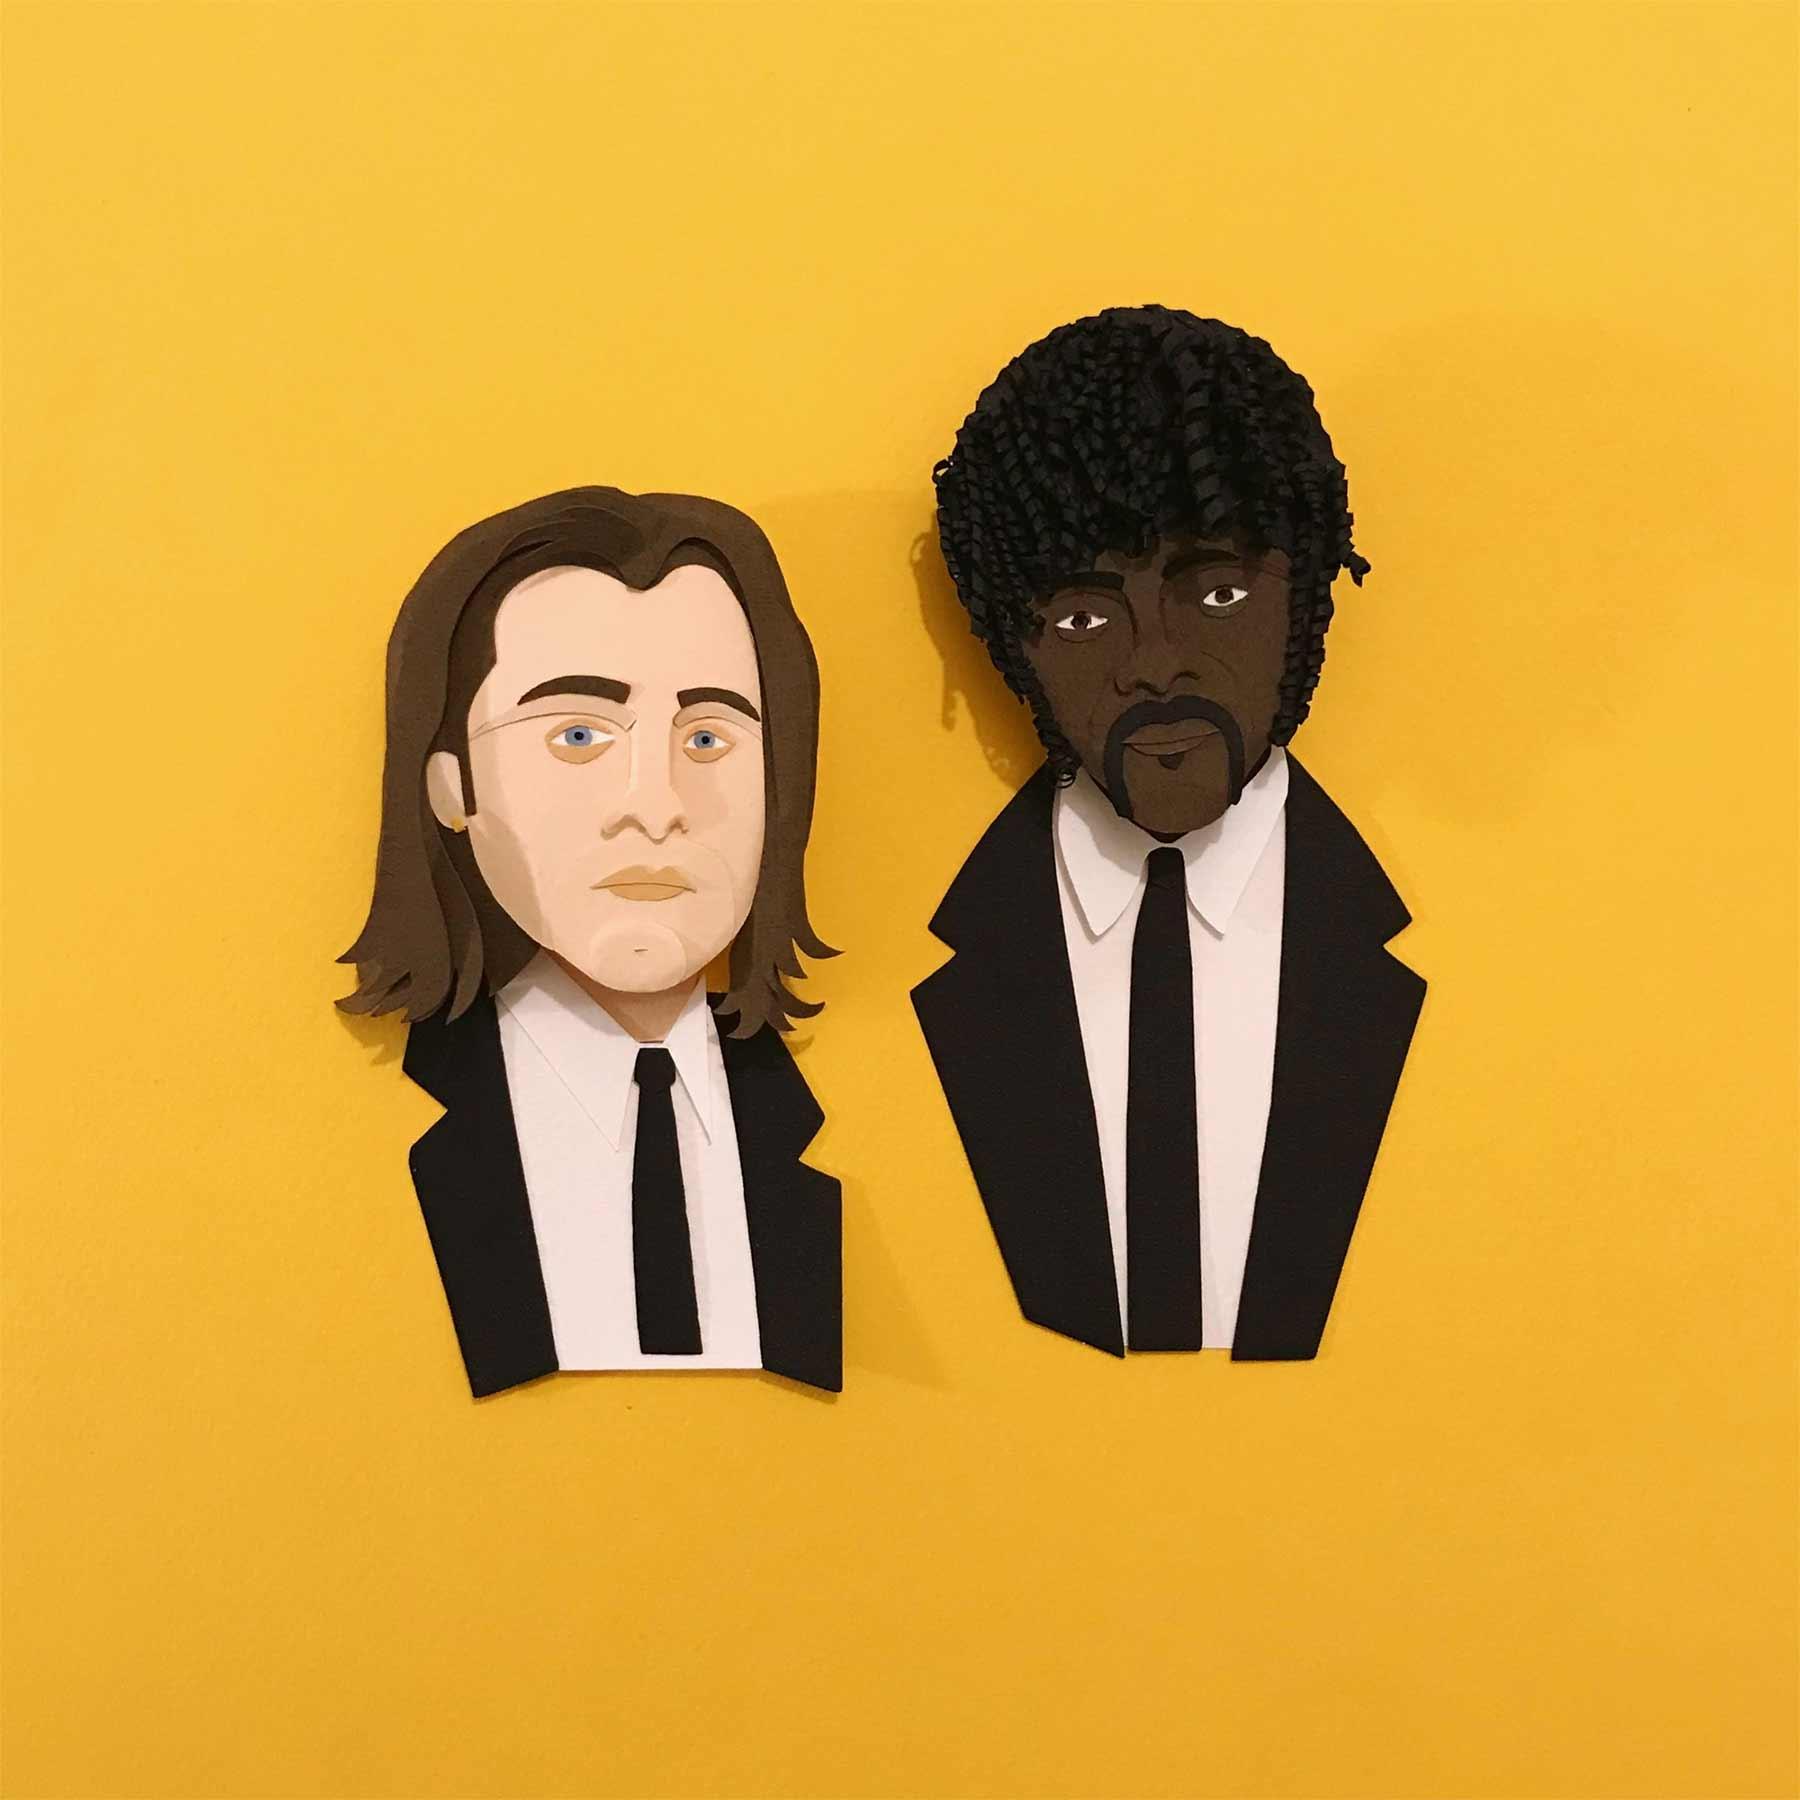 Popkulturfiguren aus Papier